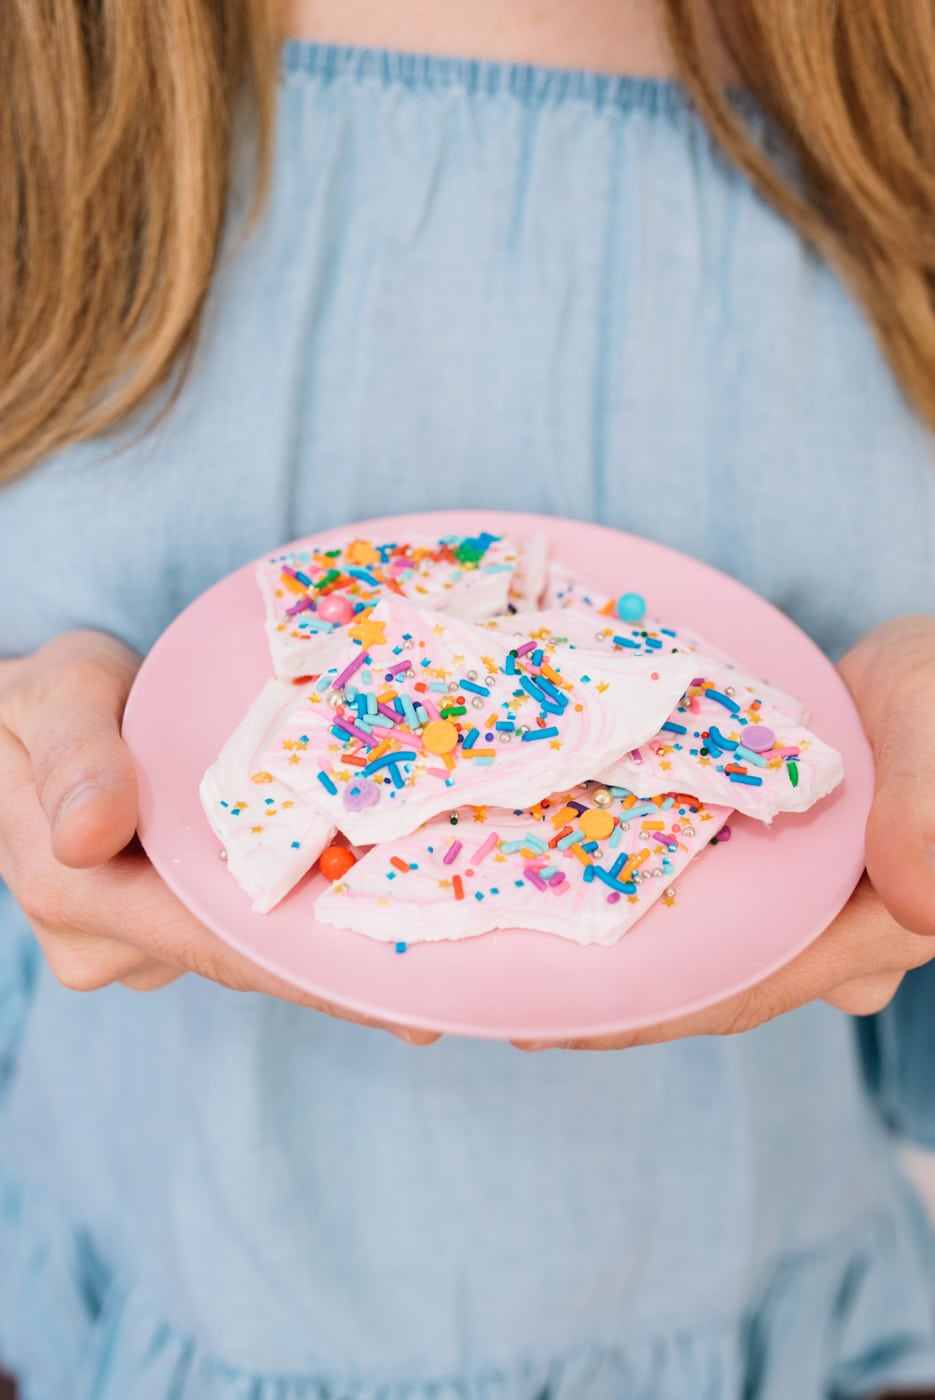 trolls-movie-candy-party-dessert